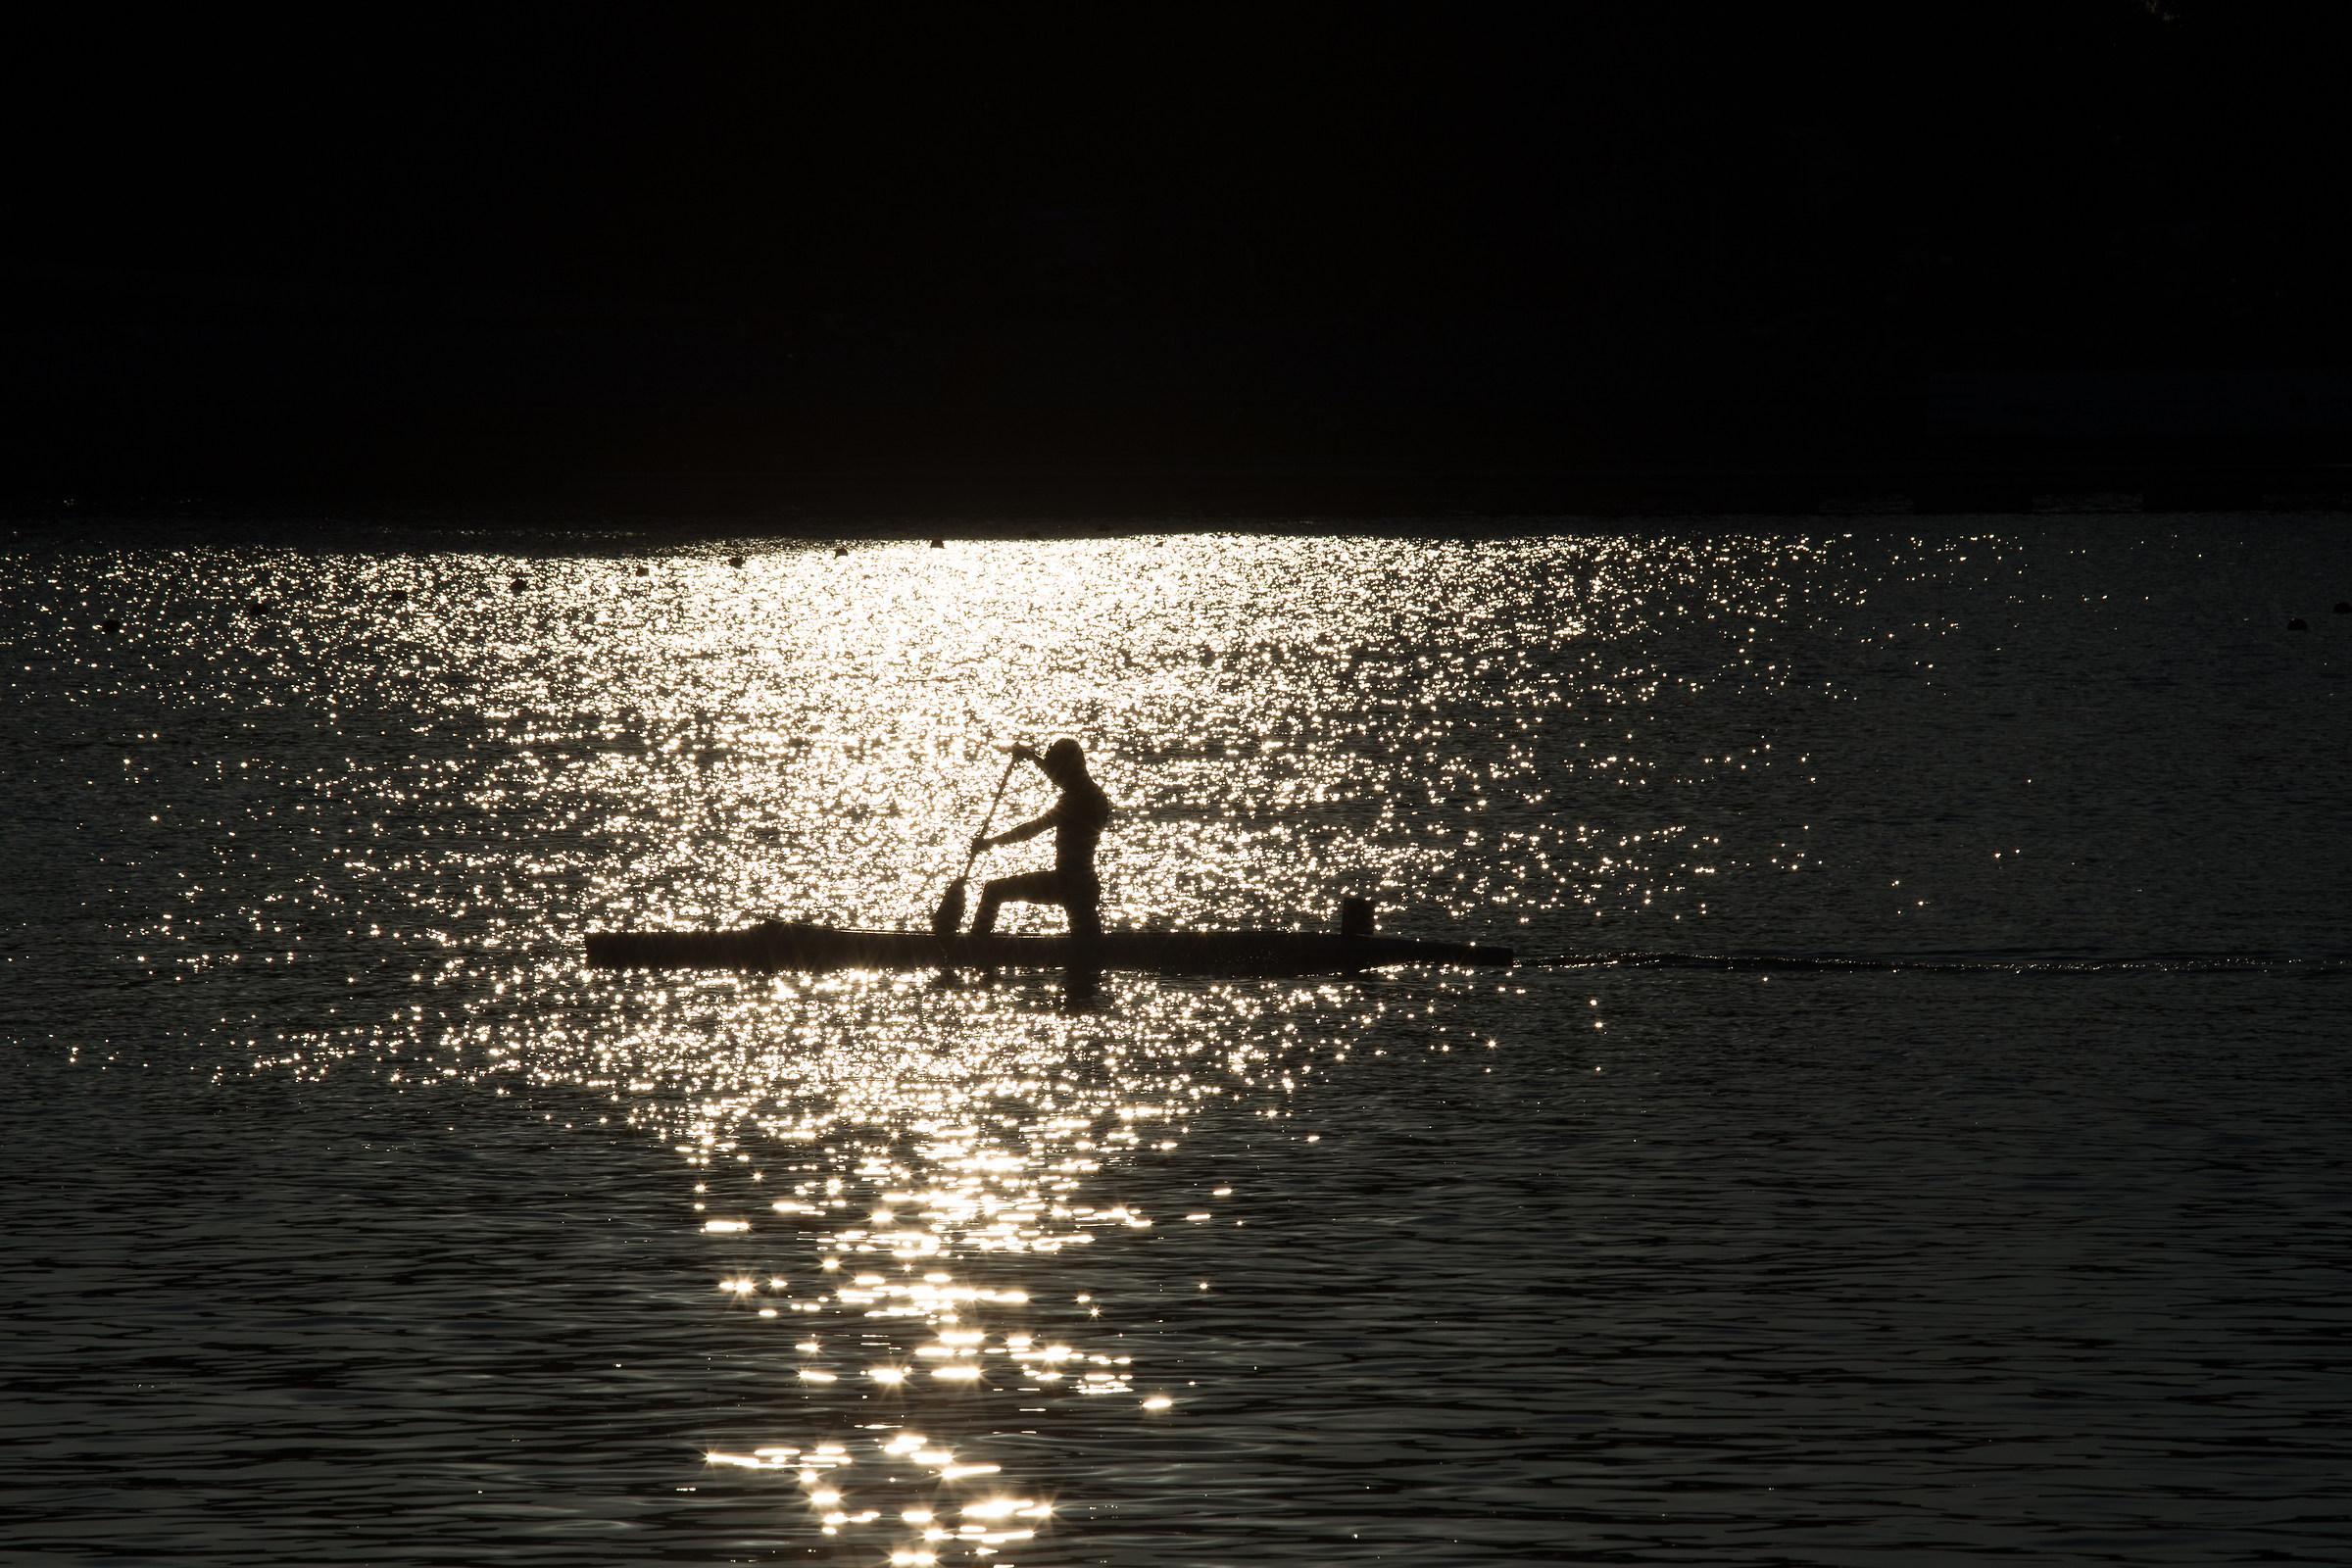 Kayak-Silhouette...